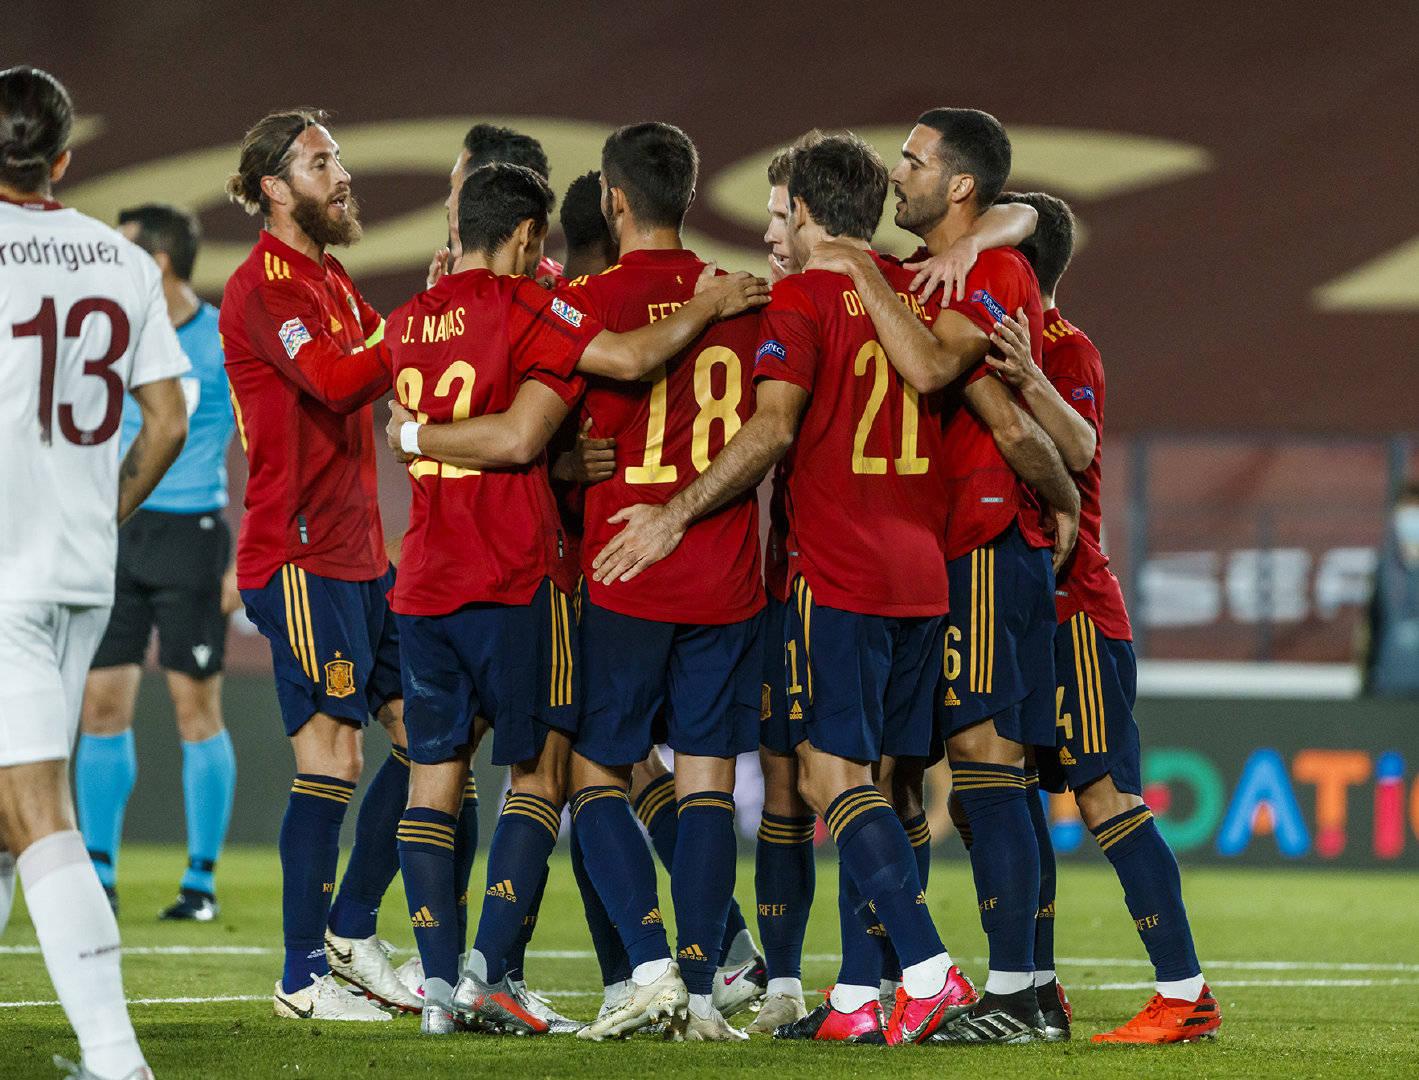 欧国联第三轮西班牙1:0瑞士,奥亚萨瓦尔打进全场唯一进球-7